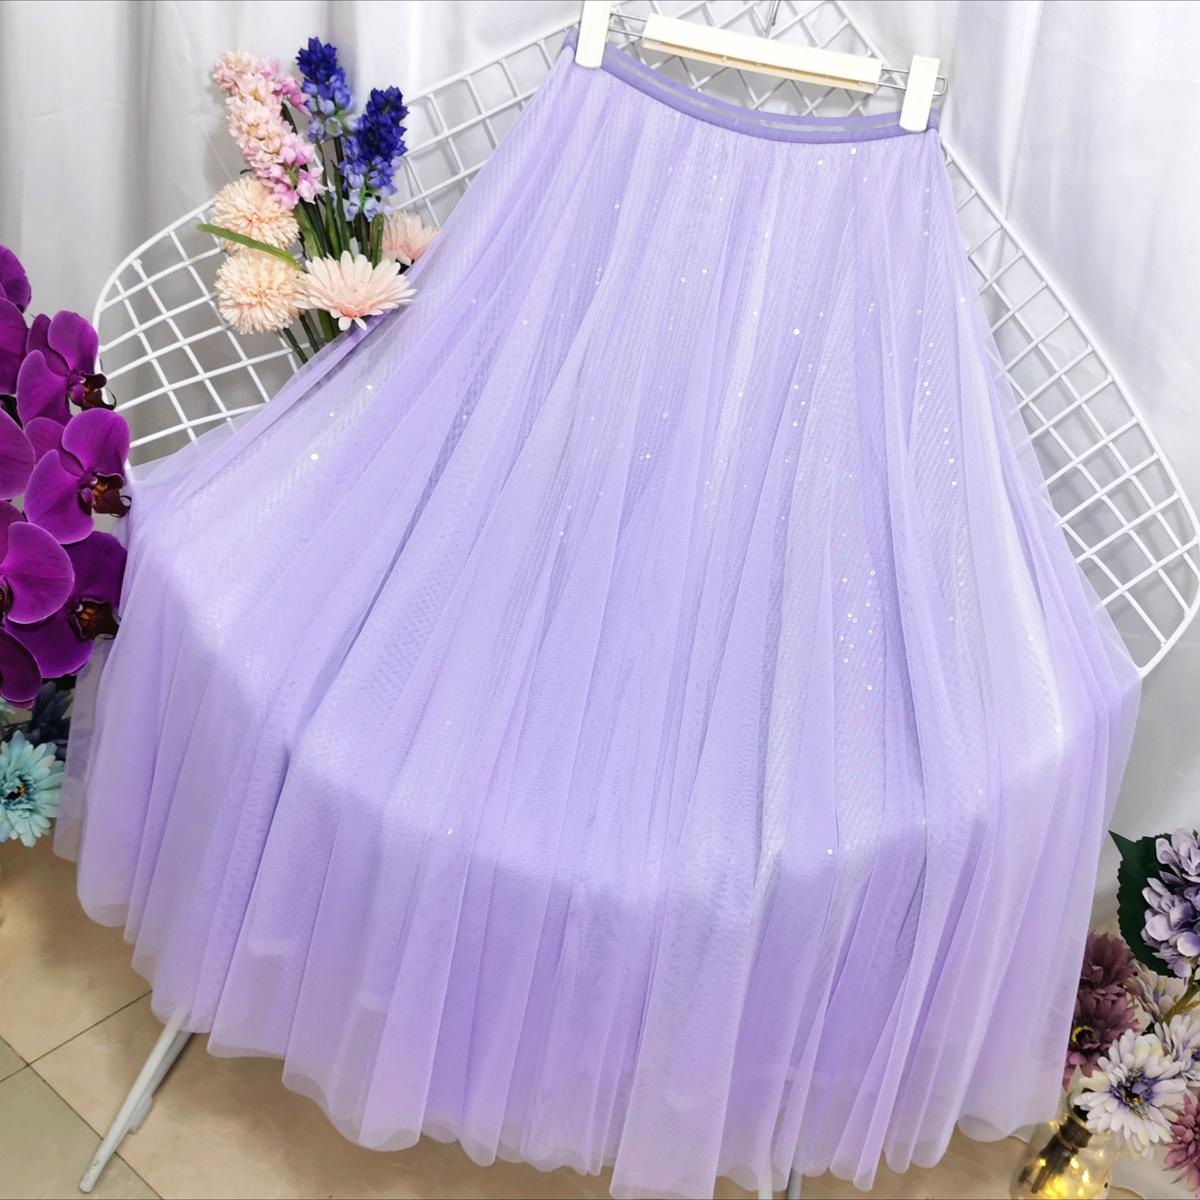 紫色半身裙 紫色半身裙仙气女甜美a字高腰香芋紫网纱亮片长裙显瘦垂感纱裙_推荐淘宝好看的紫色半身裙